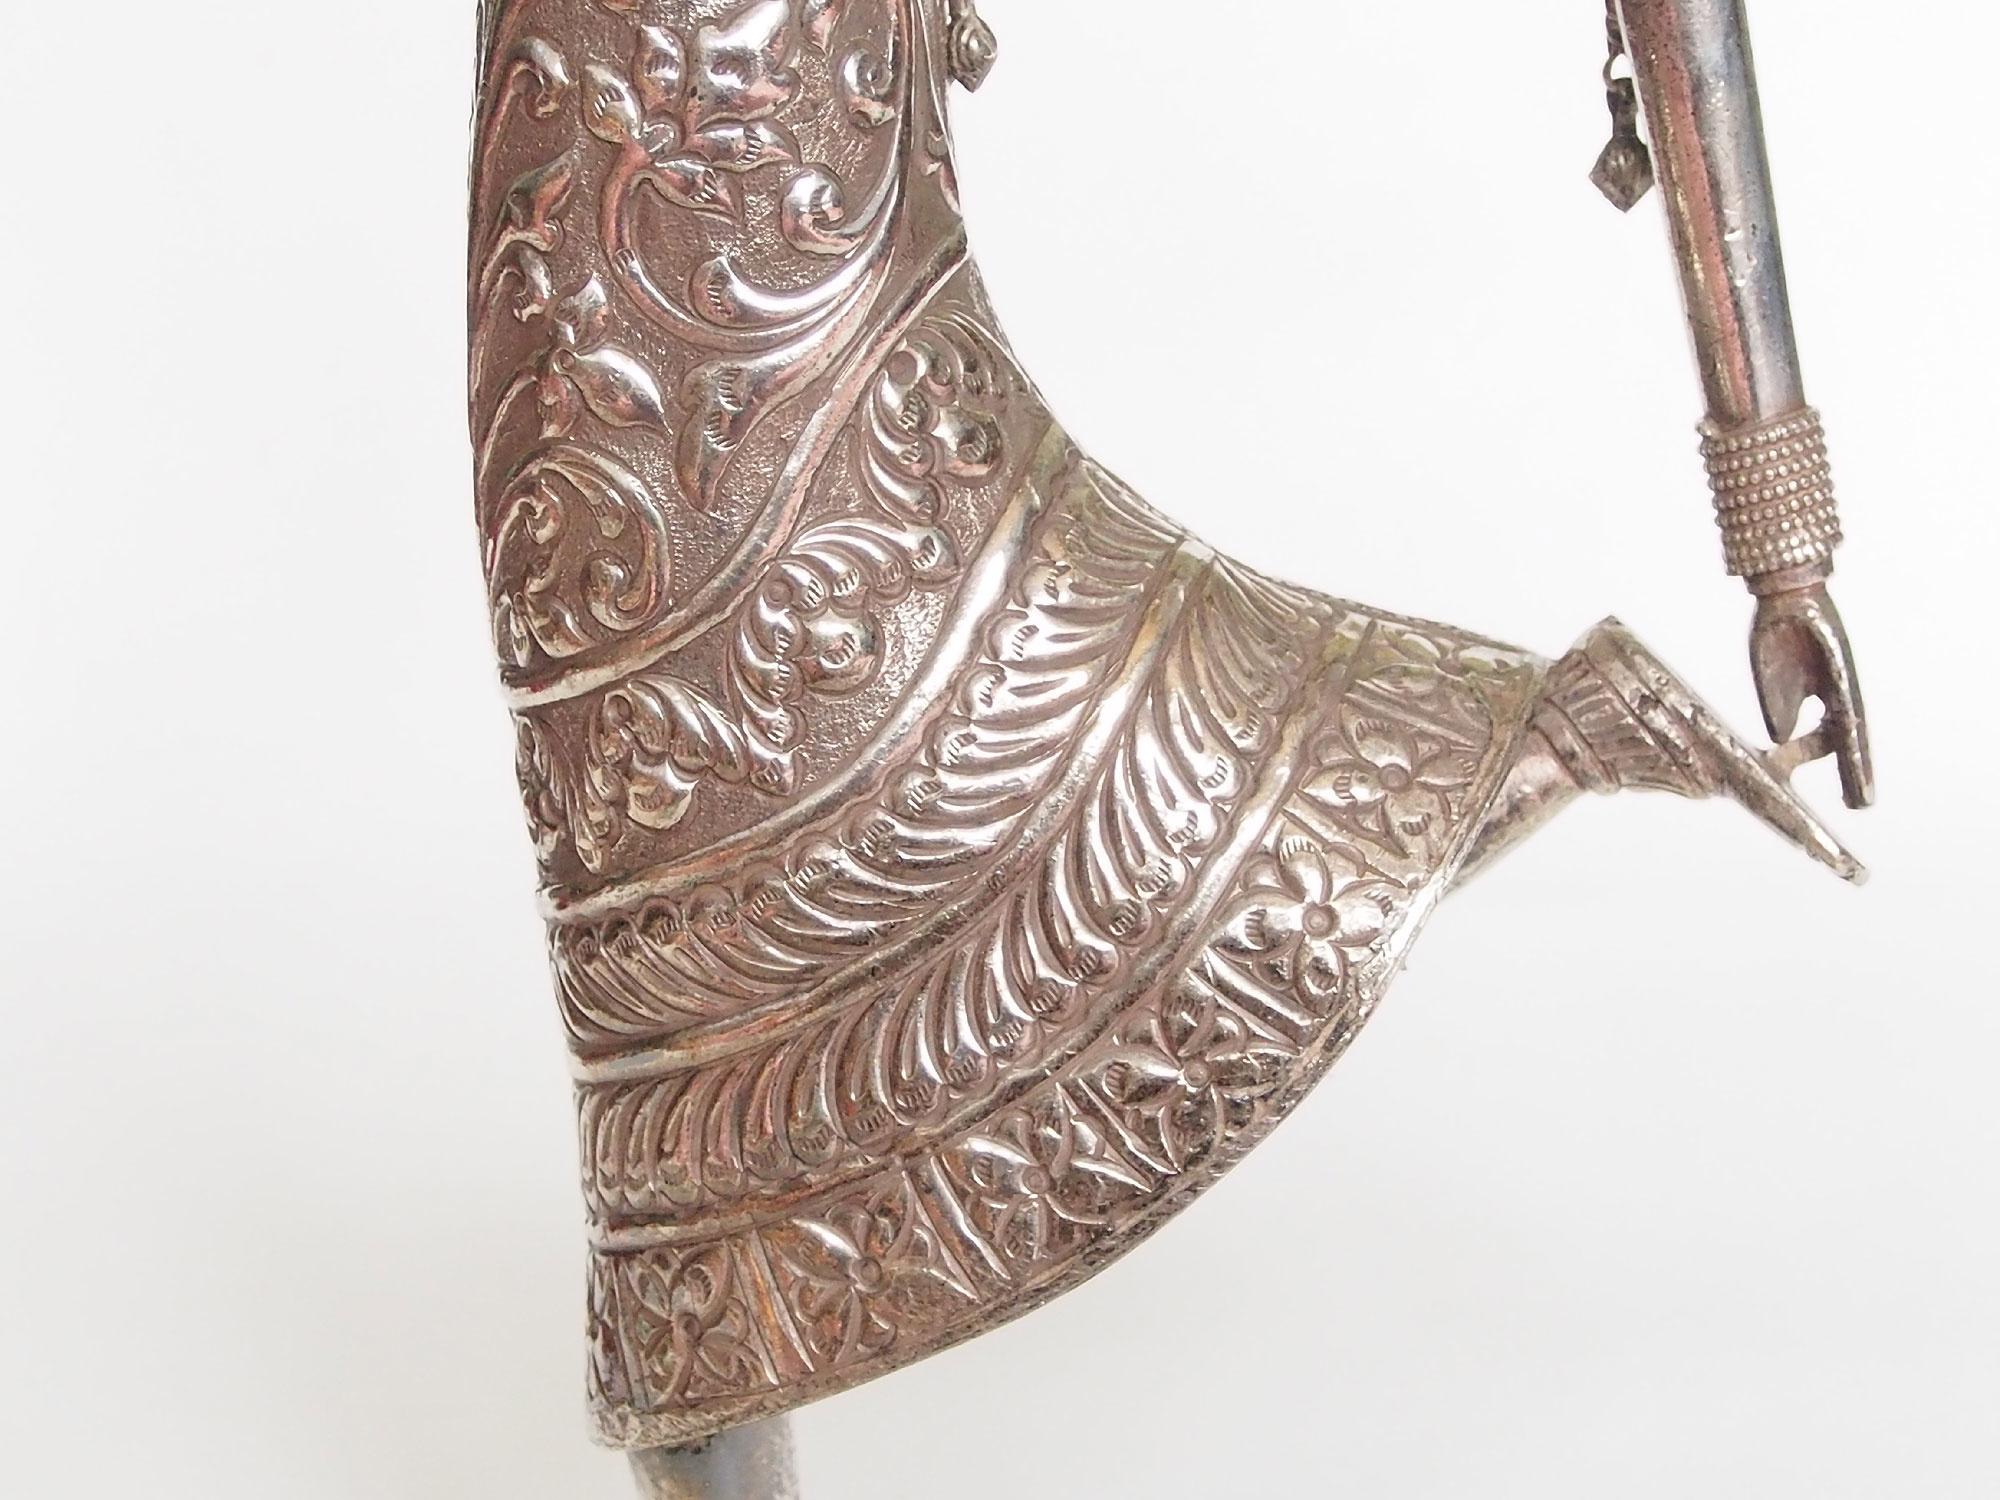 Antik Silber tänzerin aus indien